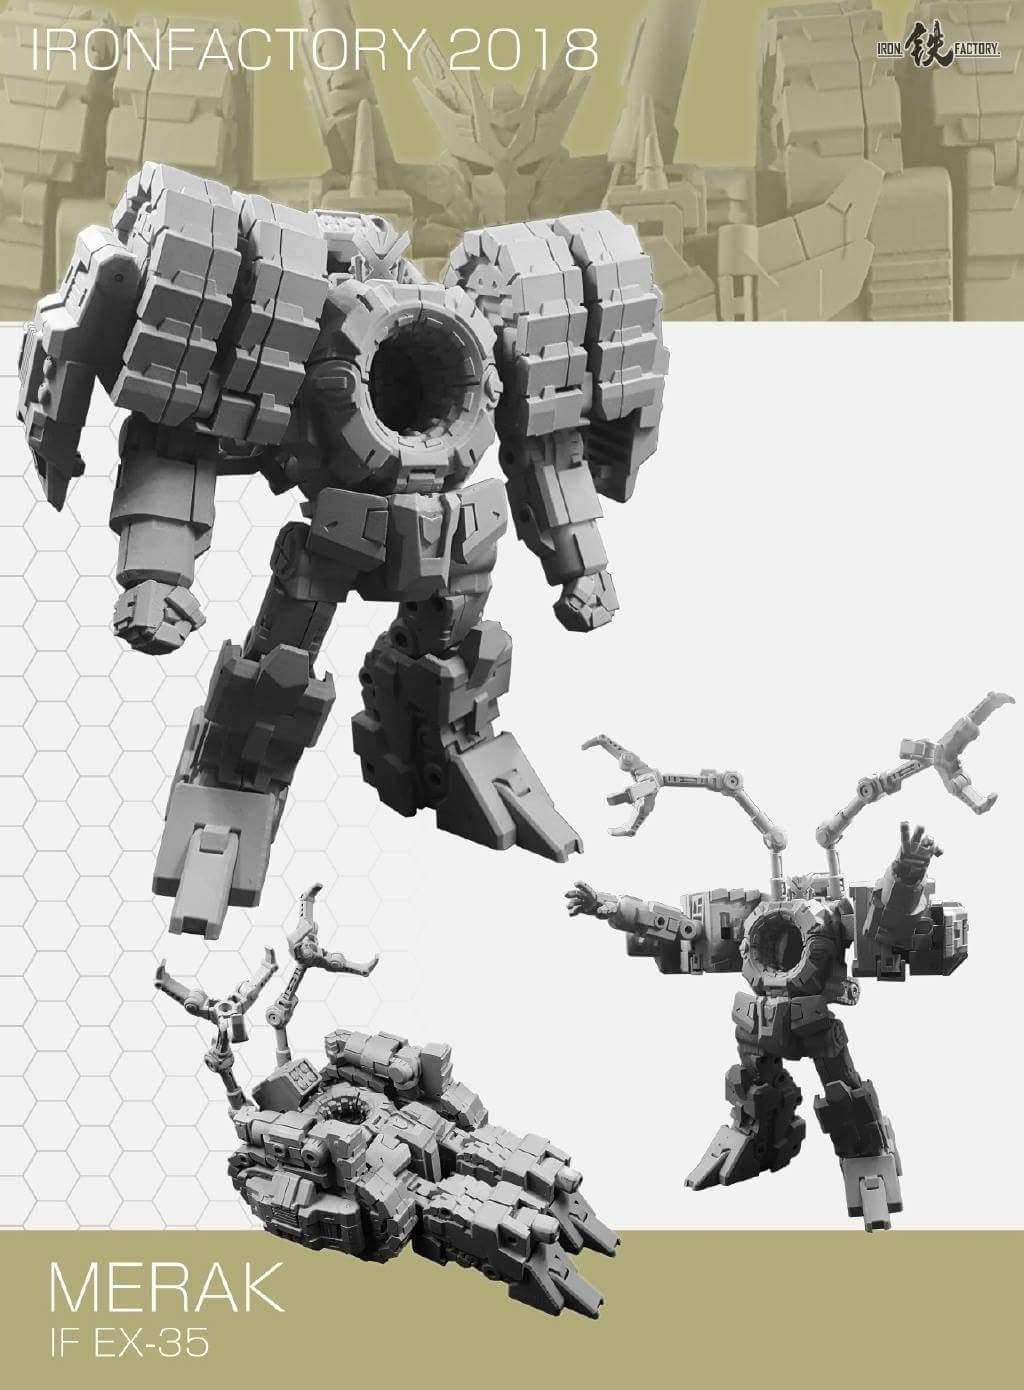 [Iron Factory] Produit Tiers - TF de la Gamme IF-EX - des BD TF d'IDW - échelle Legends - Page 5 546hfpqG_o